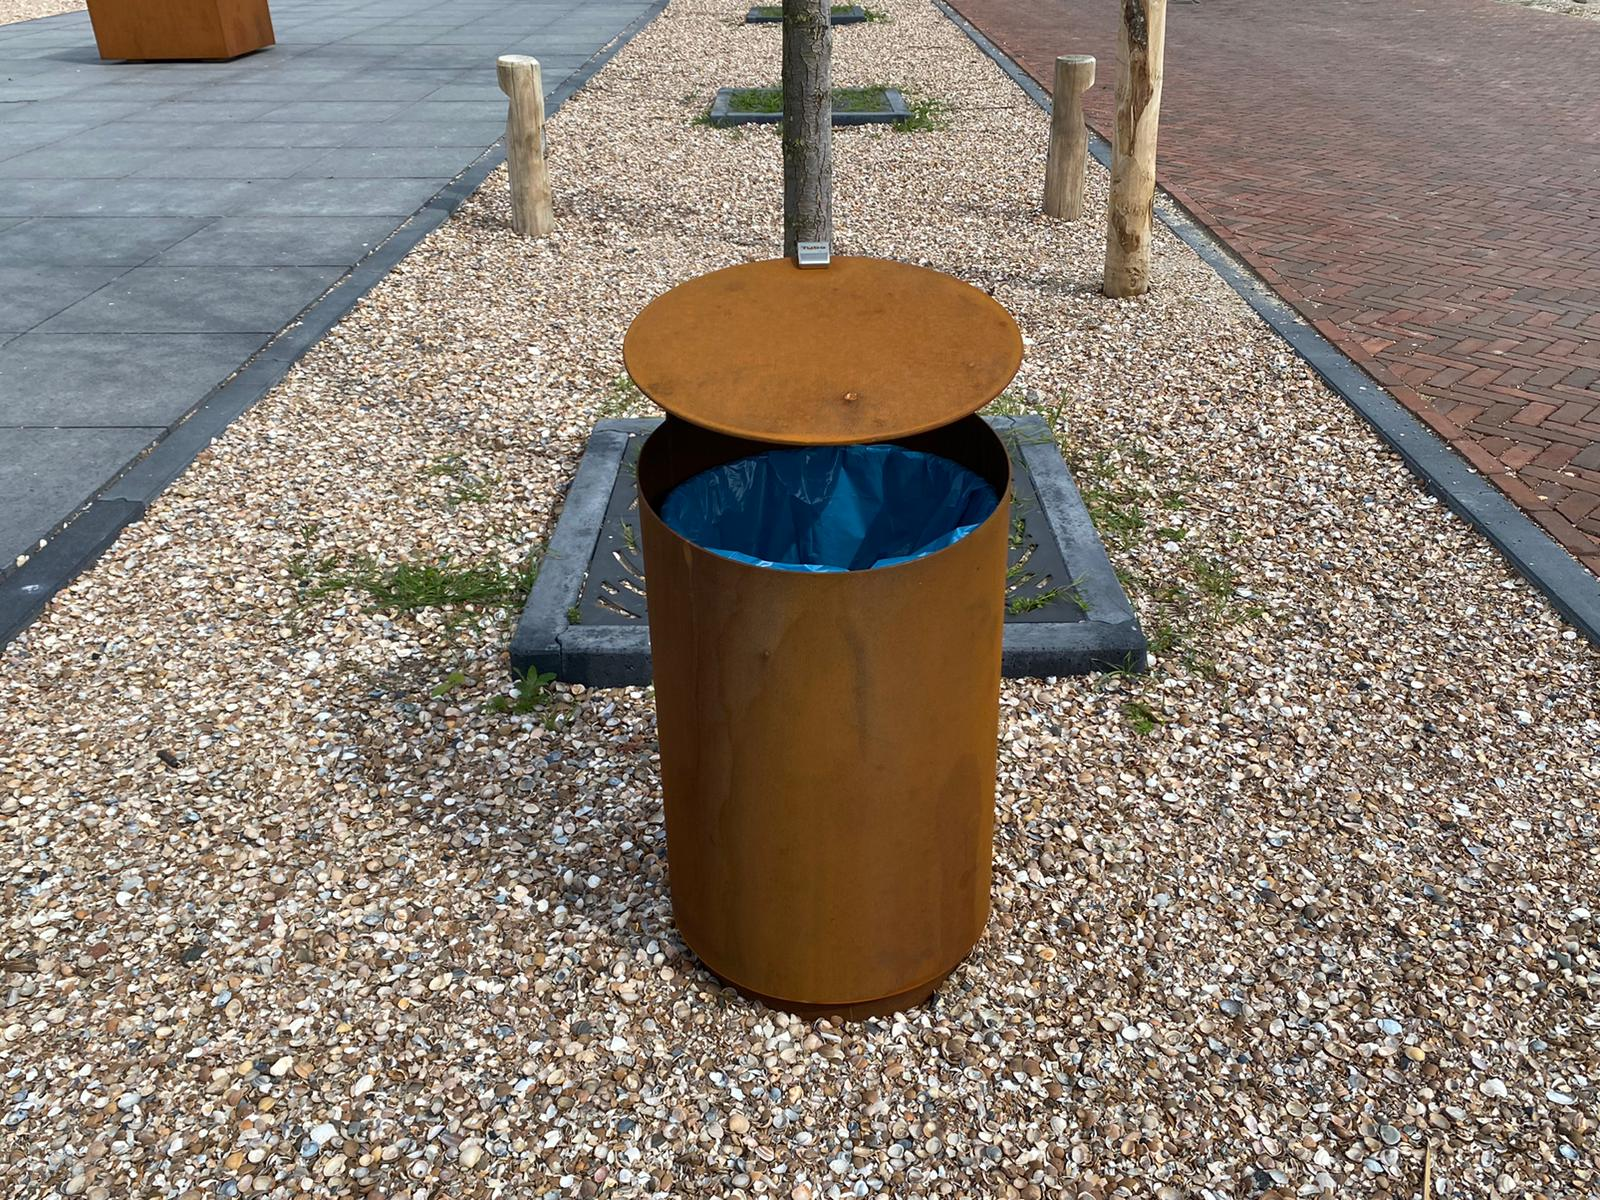 Tubo V Afvalbak voor parken en recreatiegebieden